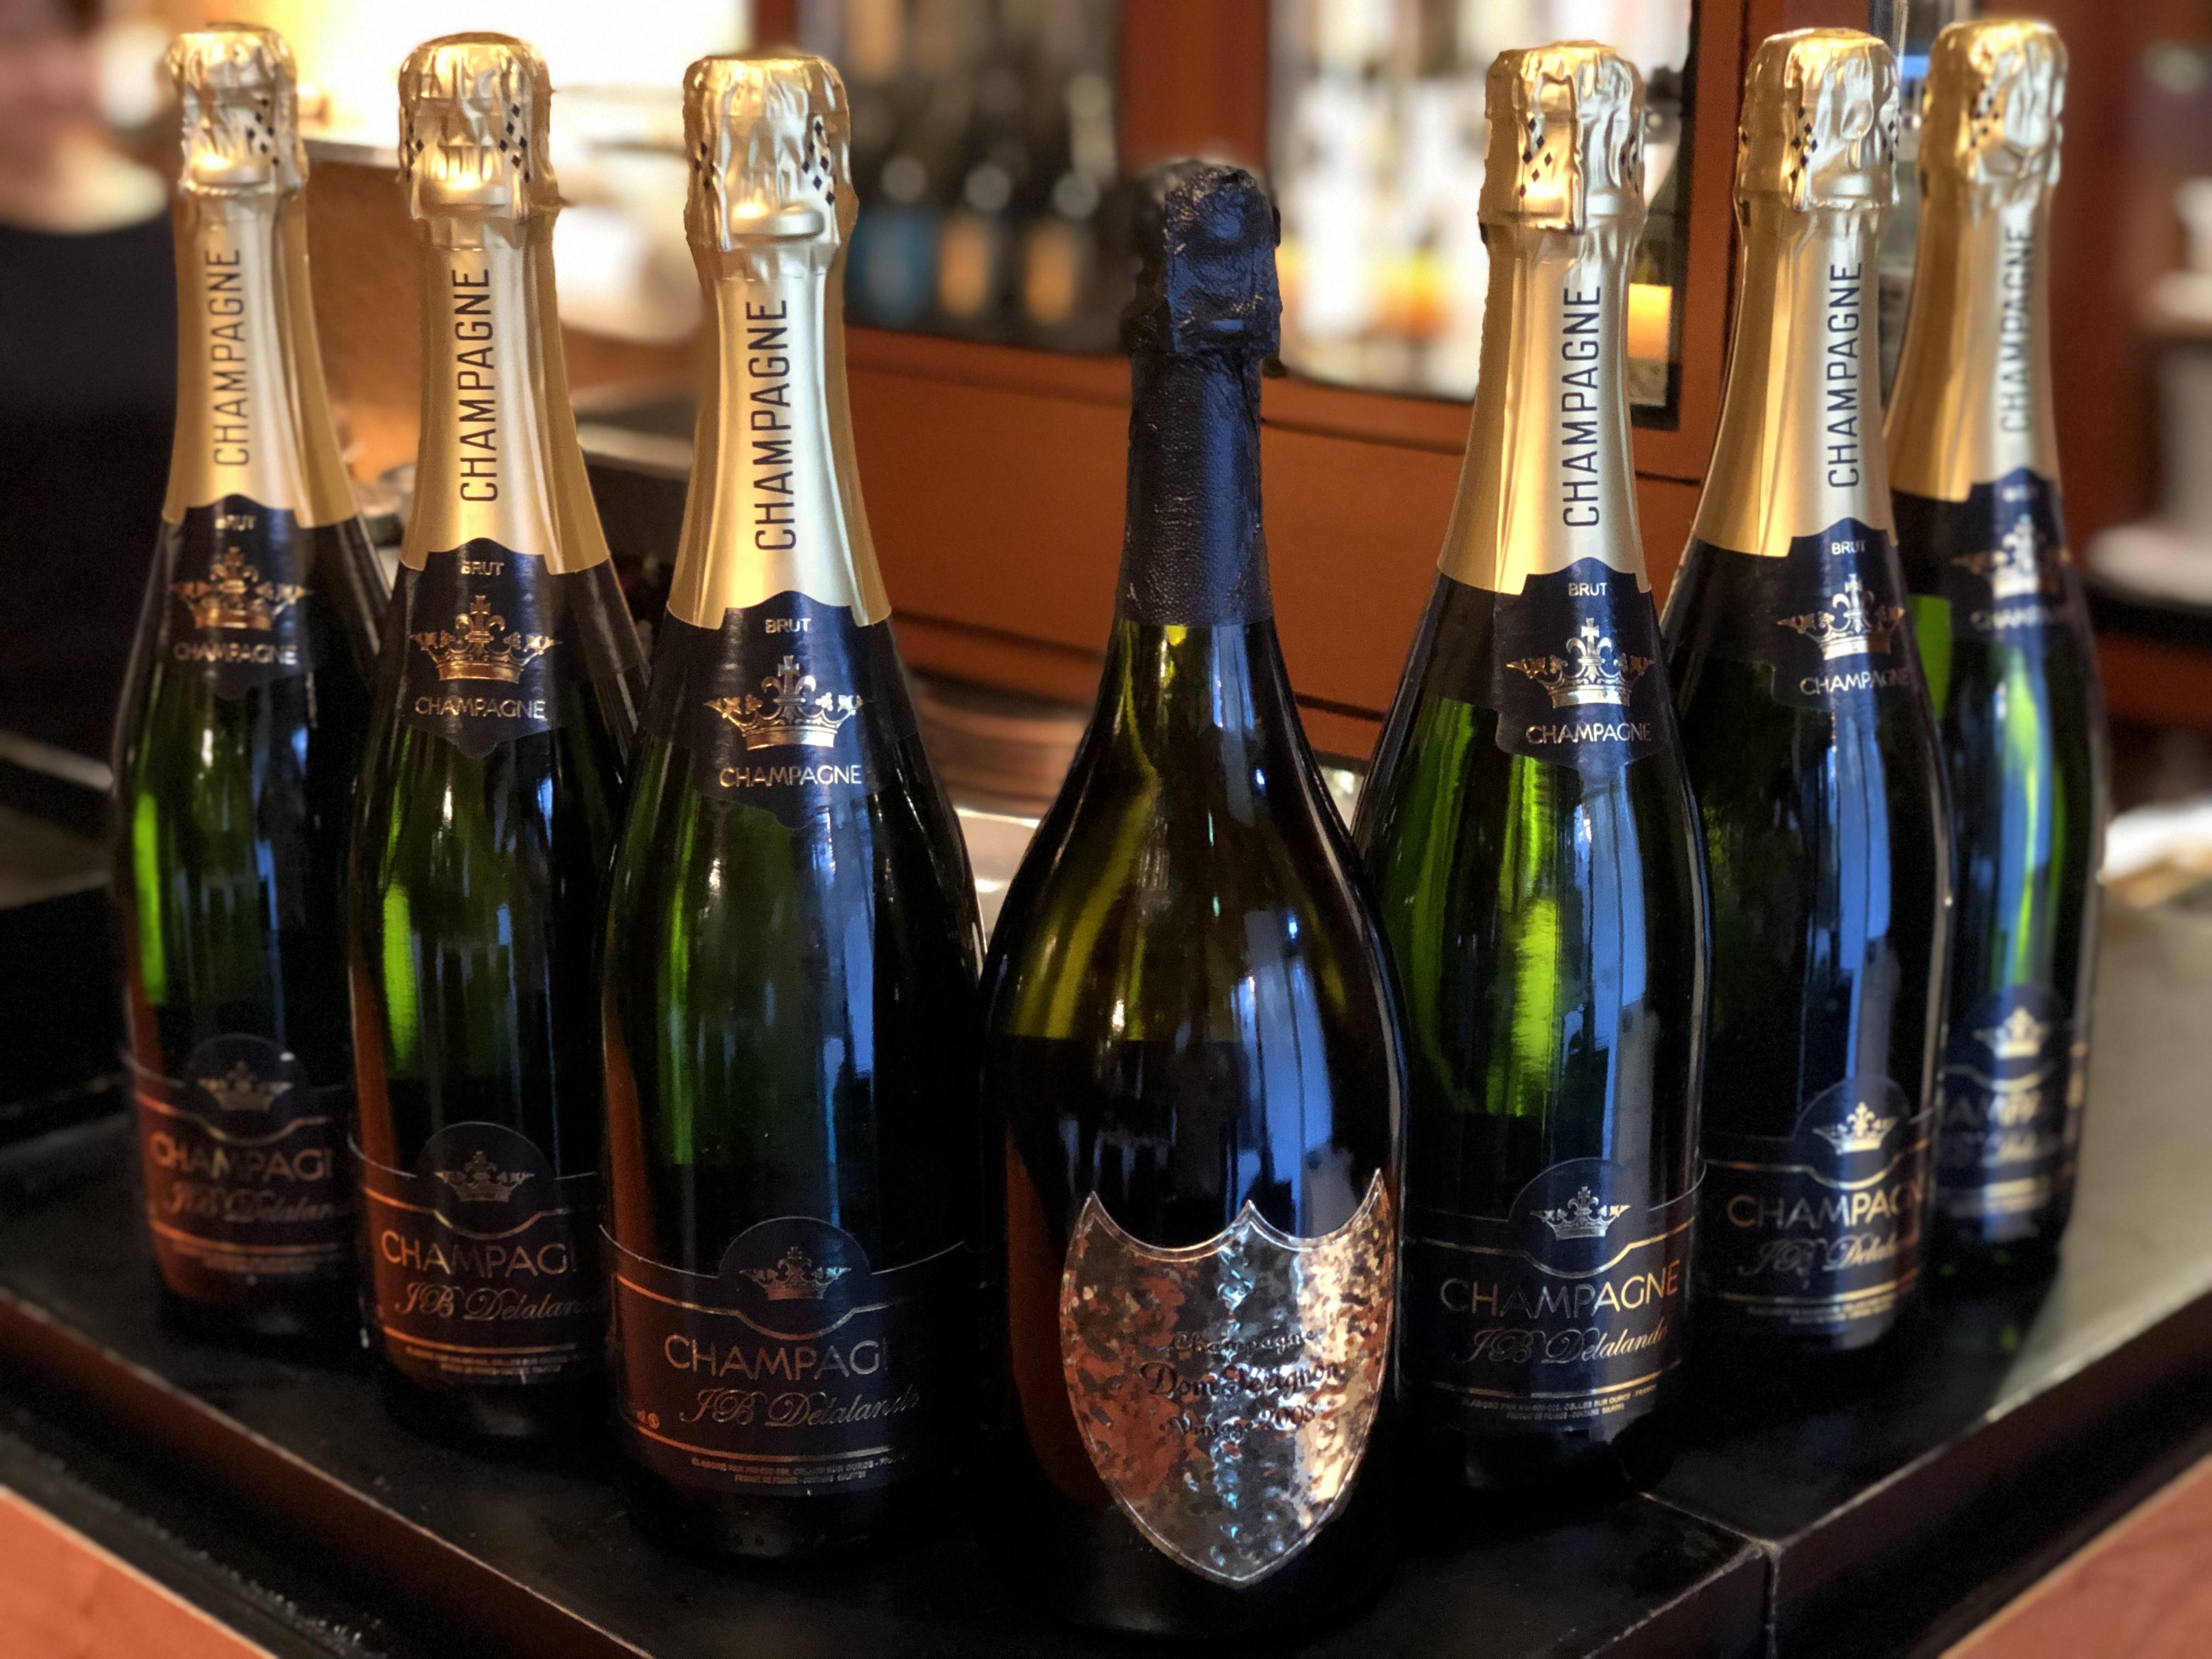 【数量限定!】2008年ドンペリニョン(レニー クラヴィッツボトル)1本とマノワのシャンパーニュ6本セット(計7本)